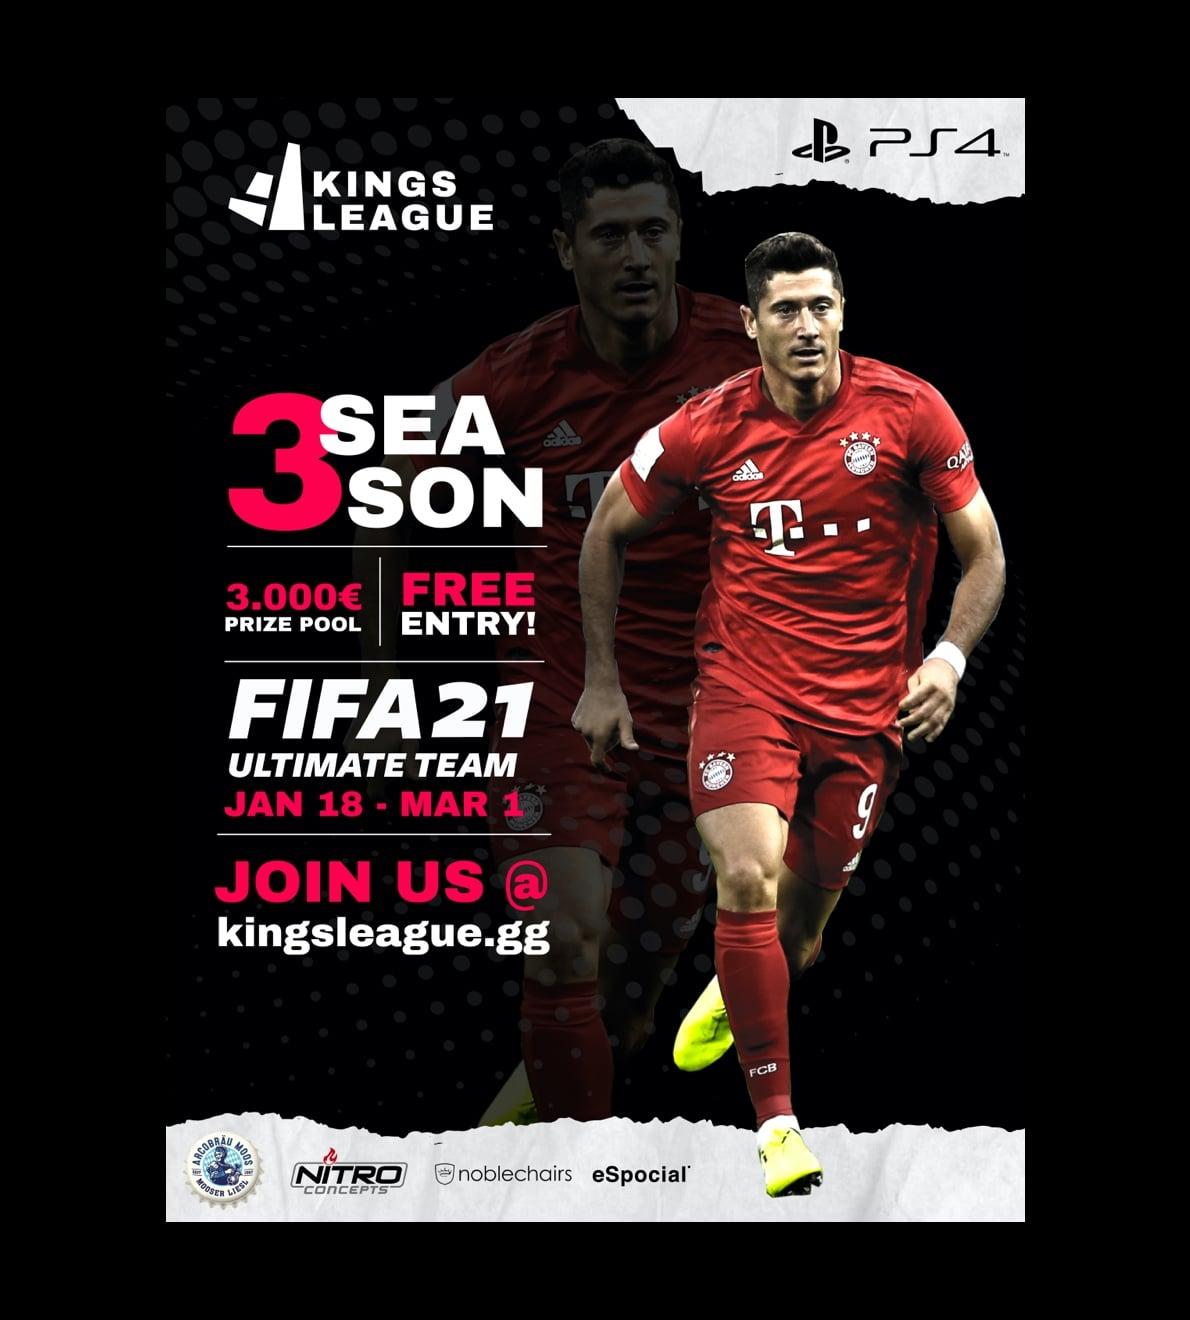 kingsleague season 3 poster